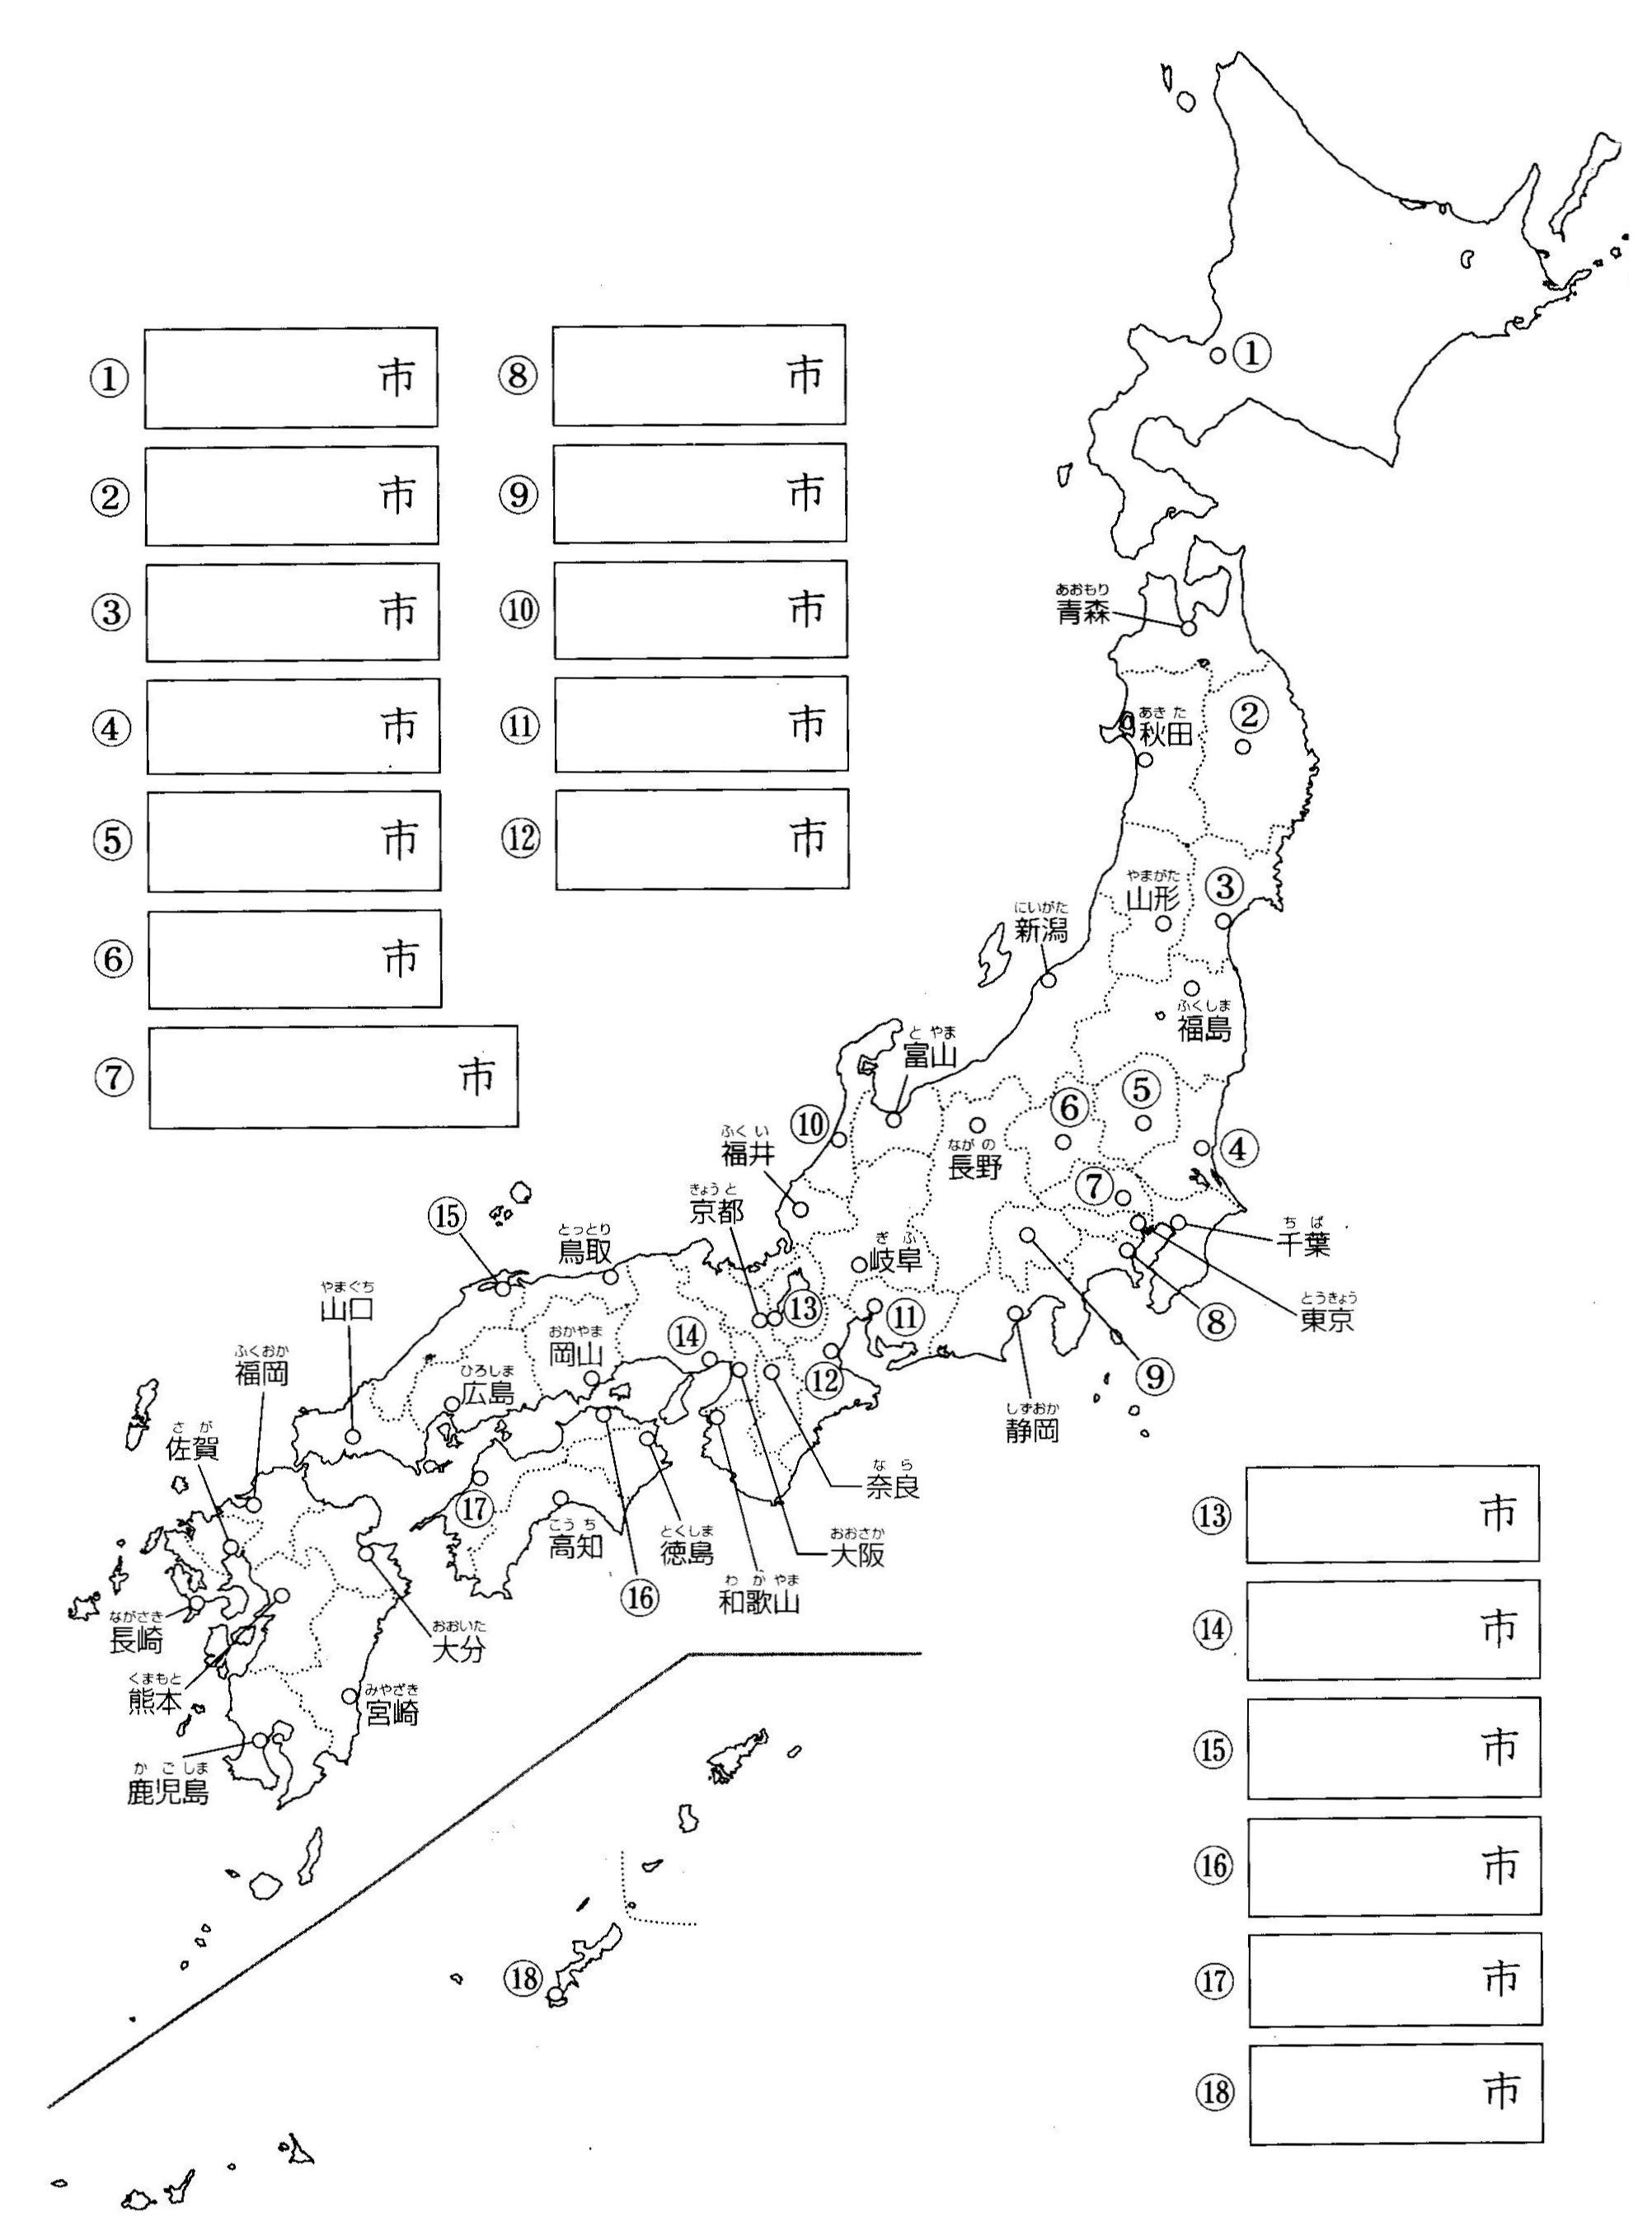 よろしかったらチャレンジして ... : 日本 都道府県 クイズ : クイズ